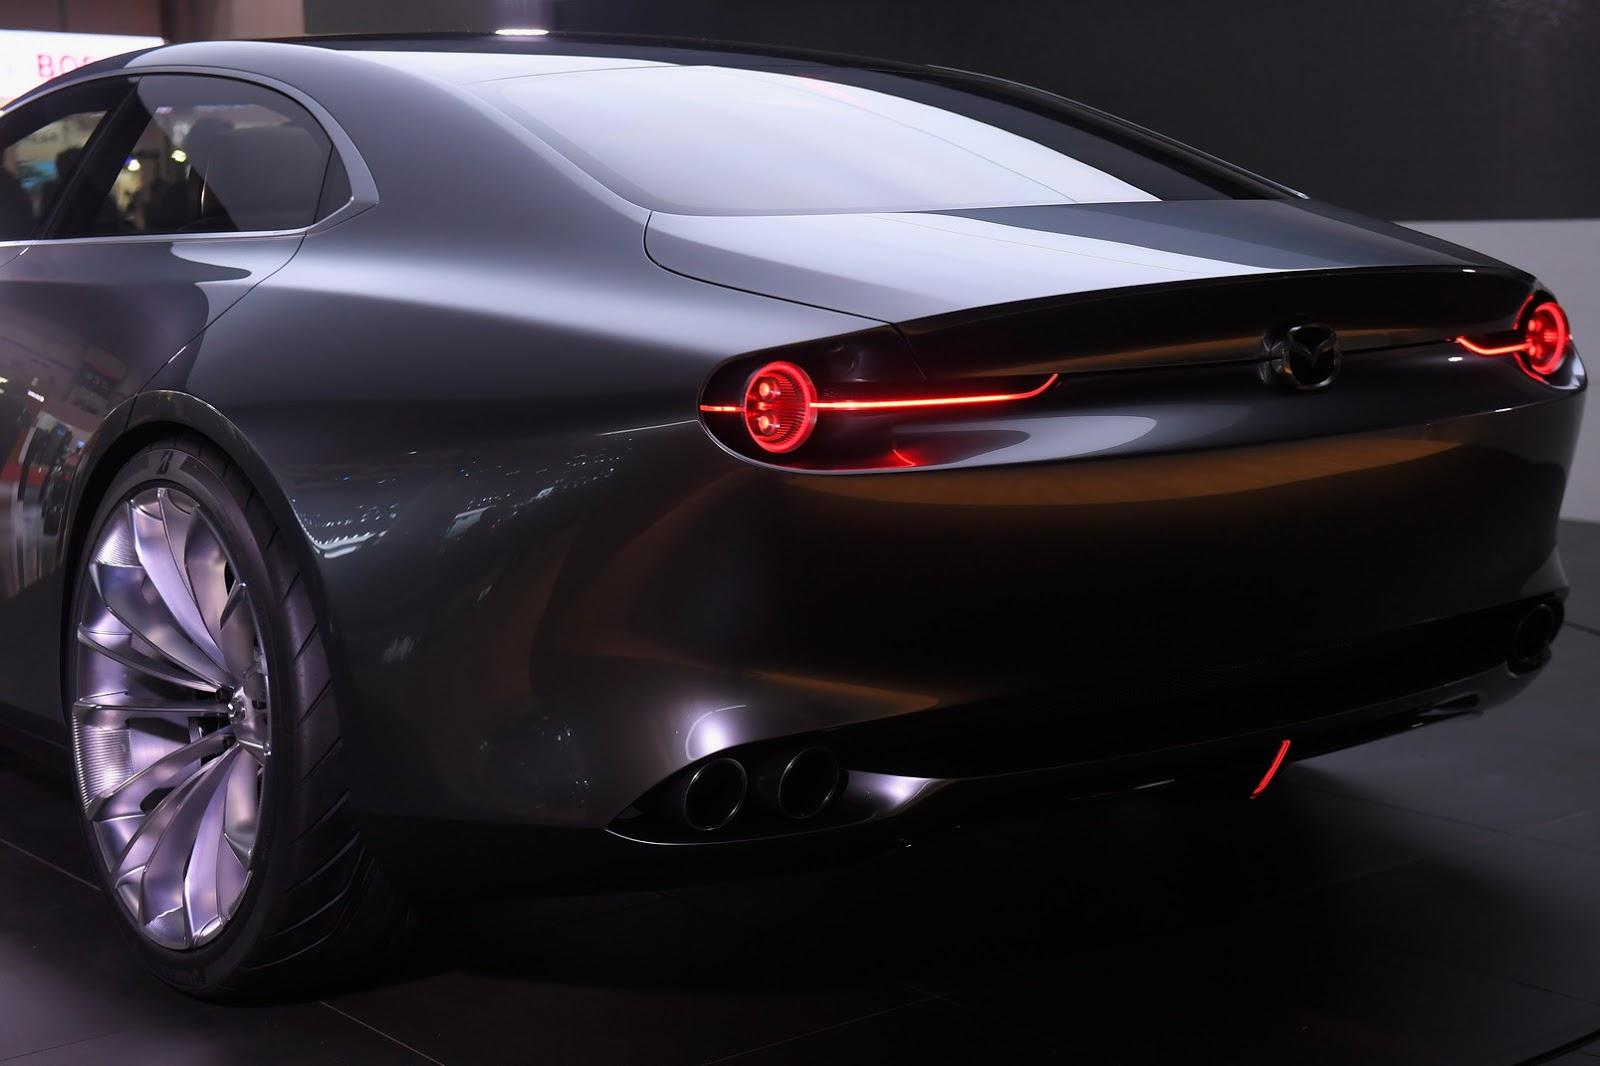 Mazda đang phát triển động cơ xăng và dầu 6 động cơ Skyactiv-X mới - 15